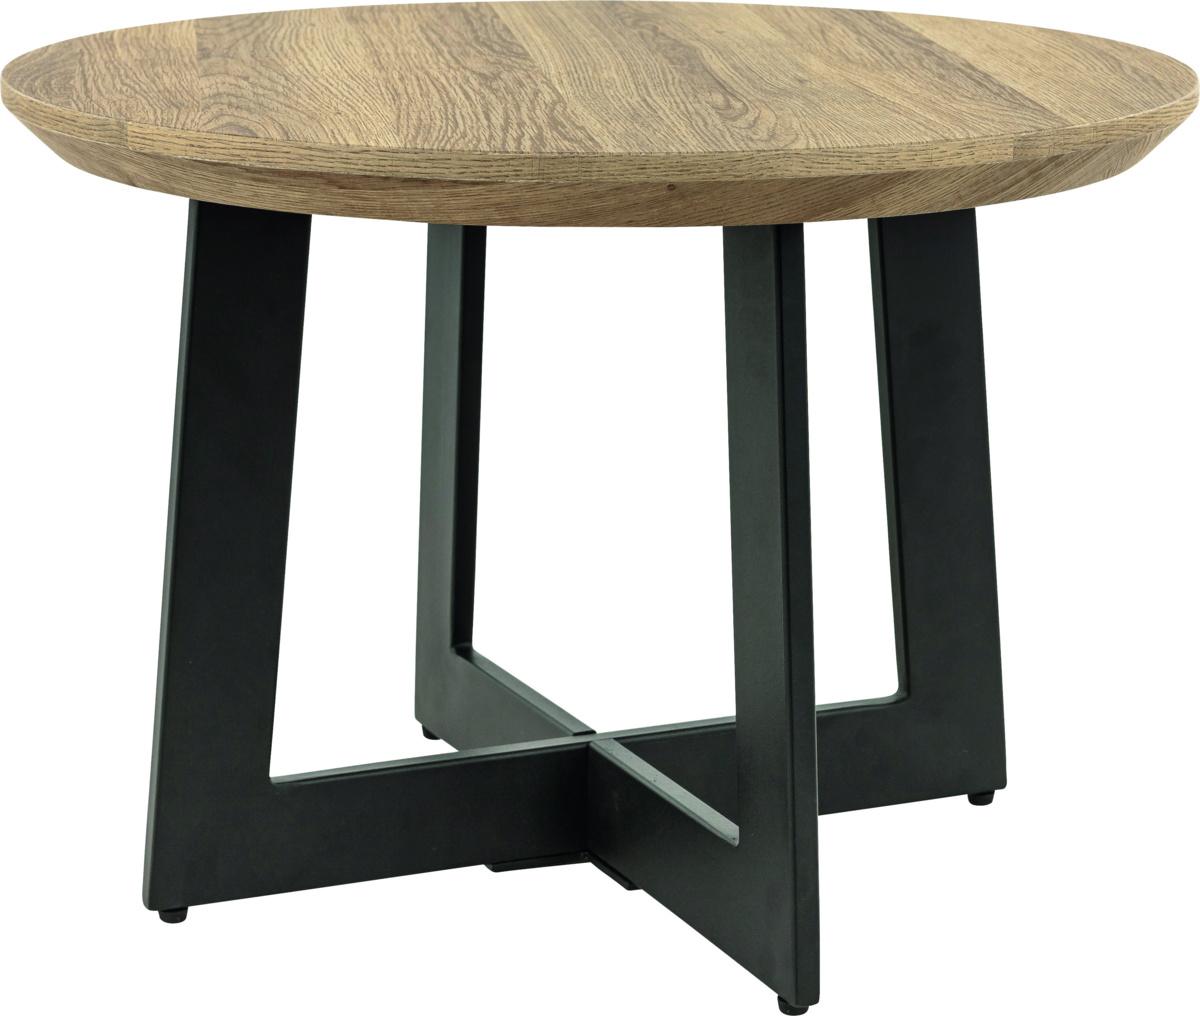 Table noire Ø 60 cm Ellen